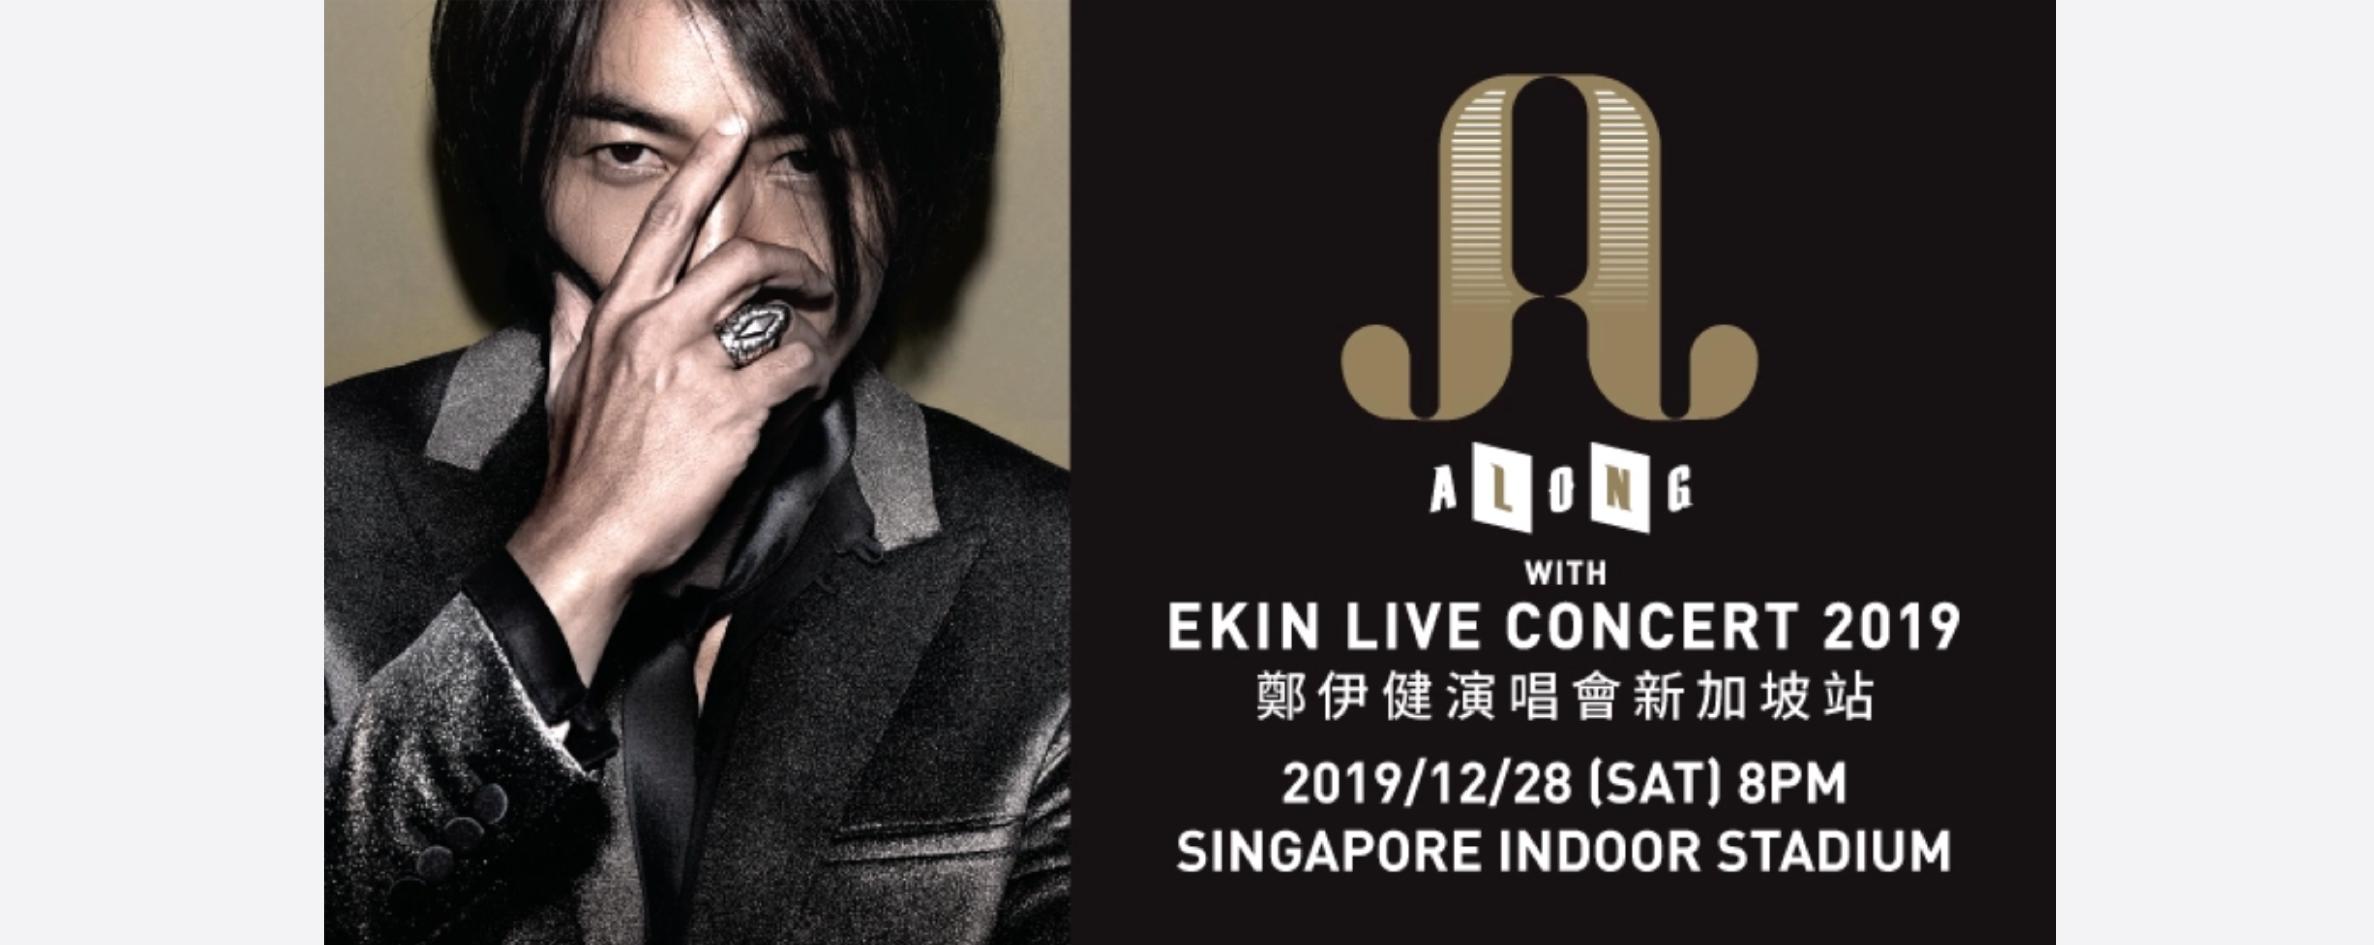 Along With Ekin Live Concert 2019 郑伊健演唱会 - 新加坡站